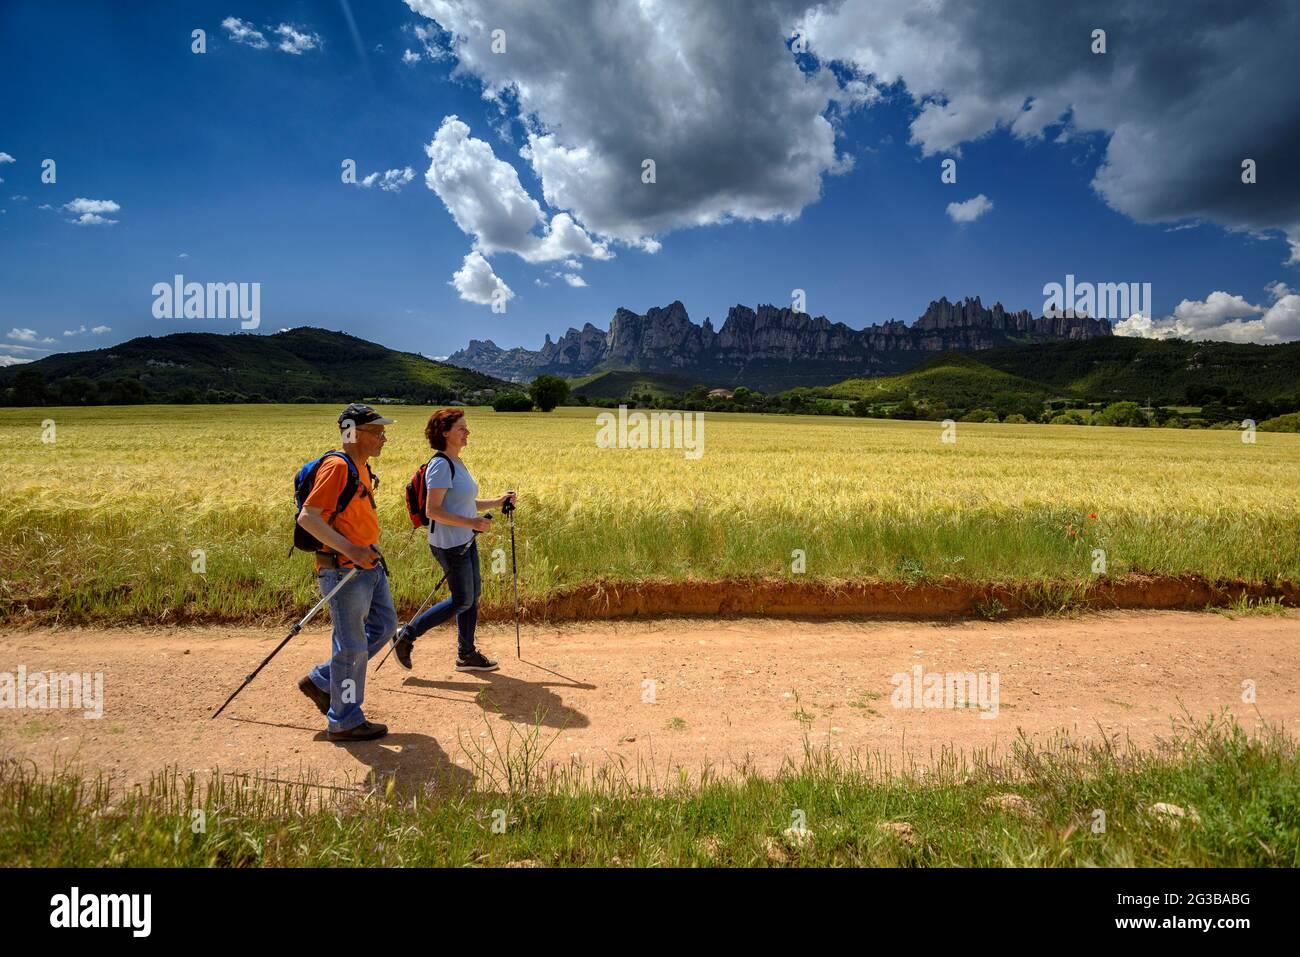 Escursionisti che camminano tra i campi della Pla de Masroig, con la montagna di Montserrat sullo sfondo (Bages, Barcellona, Catalogna, Spagna) Foto Stock